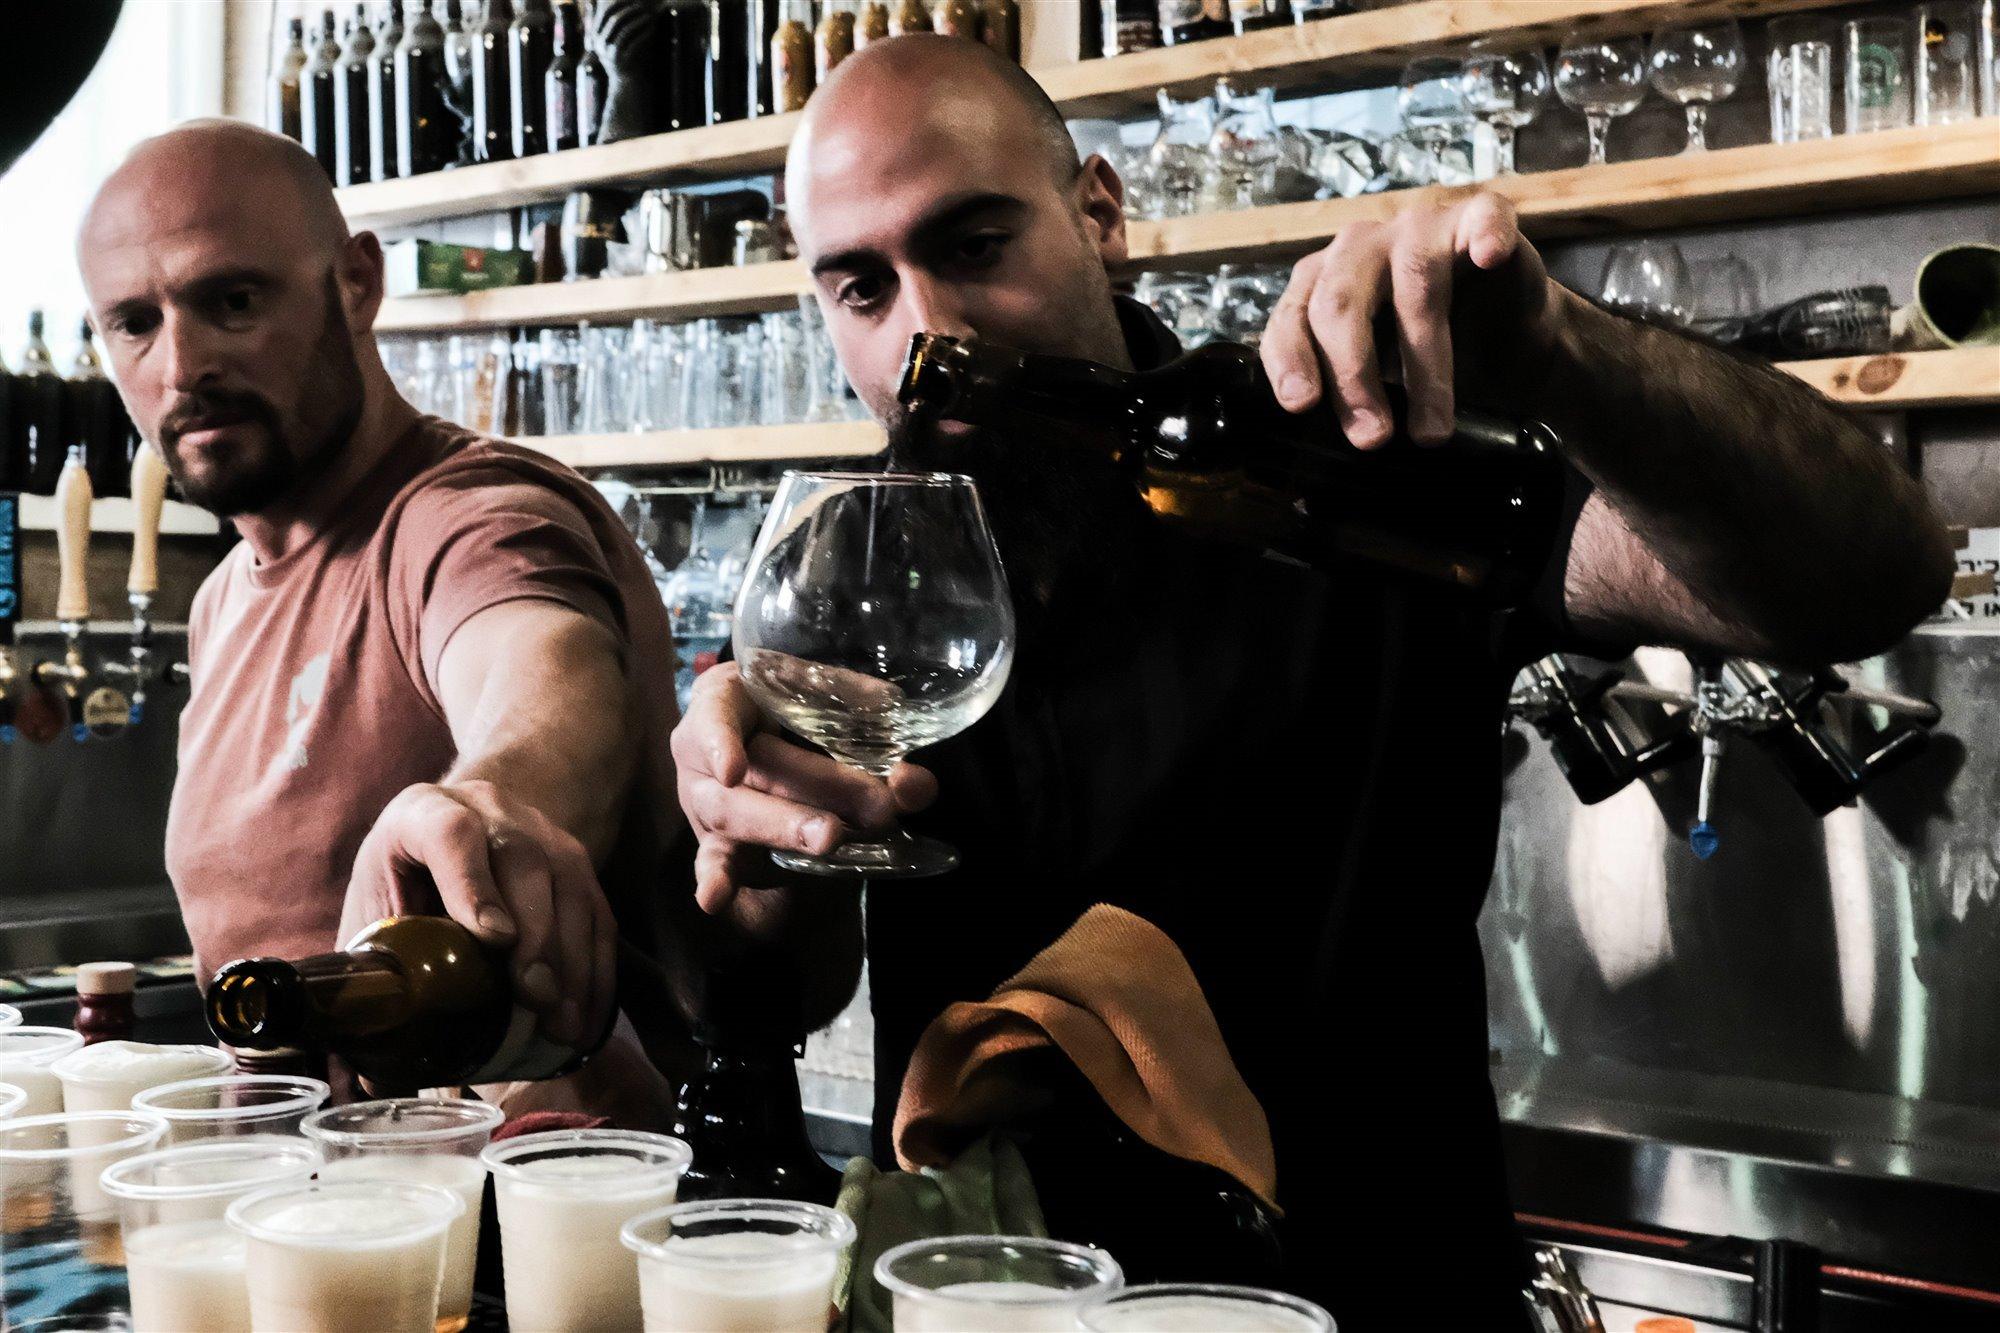 Beber cerveza no es nada novedoso, se han hallado restos de hace unos 13.000 años en el Levante mediterráneo, antes de la invención de la agricultura